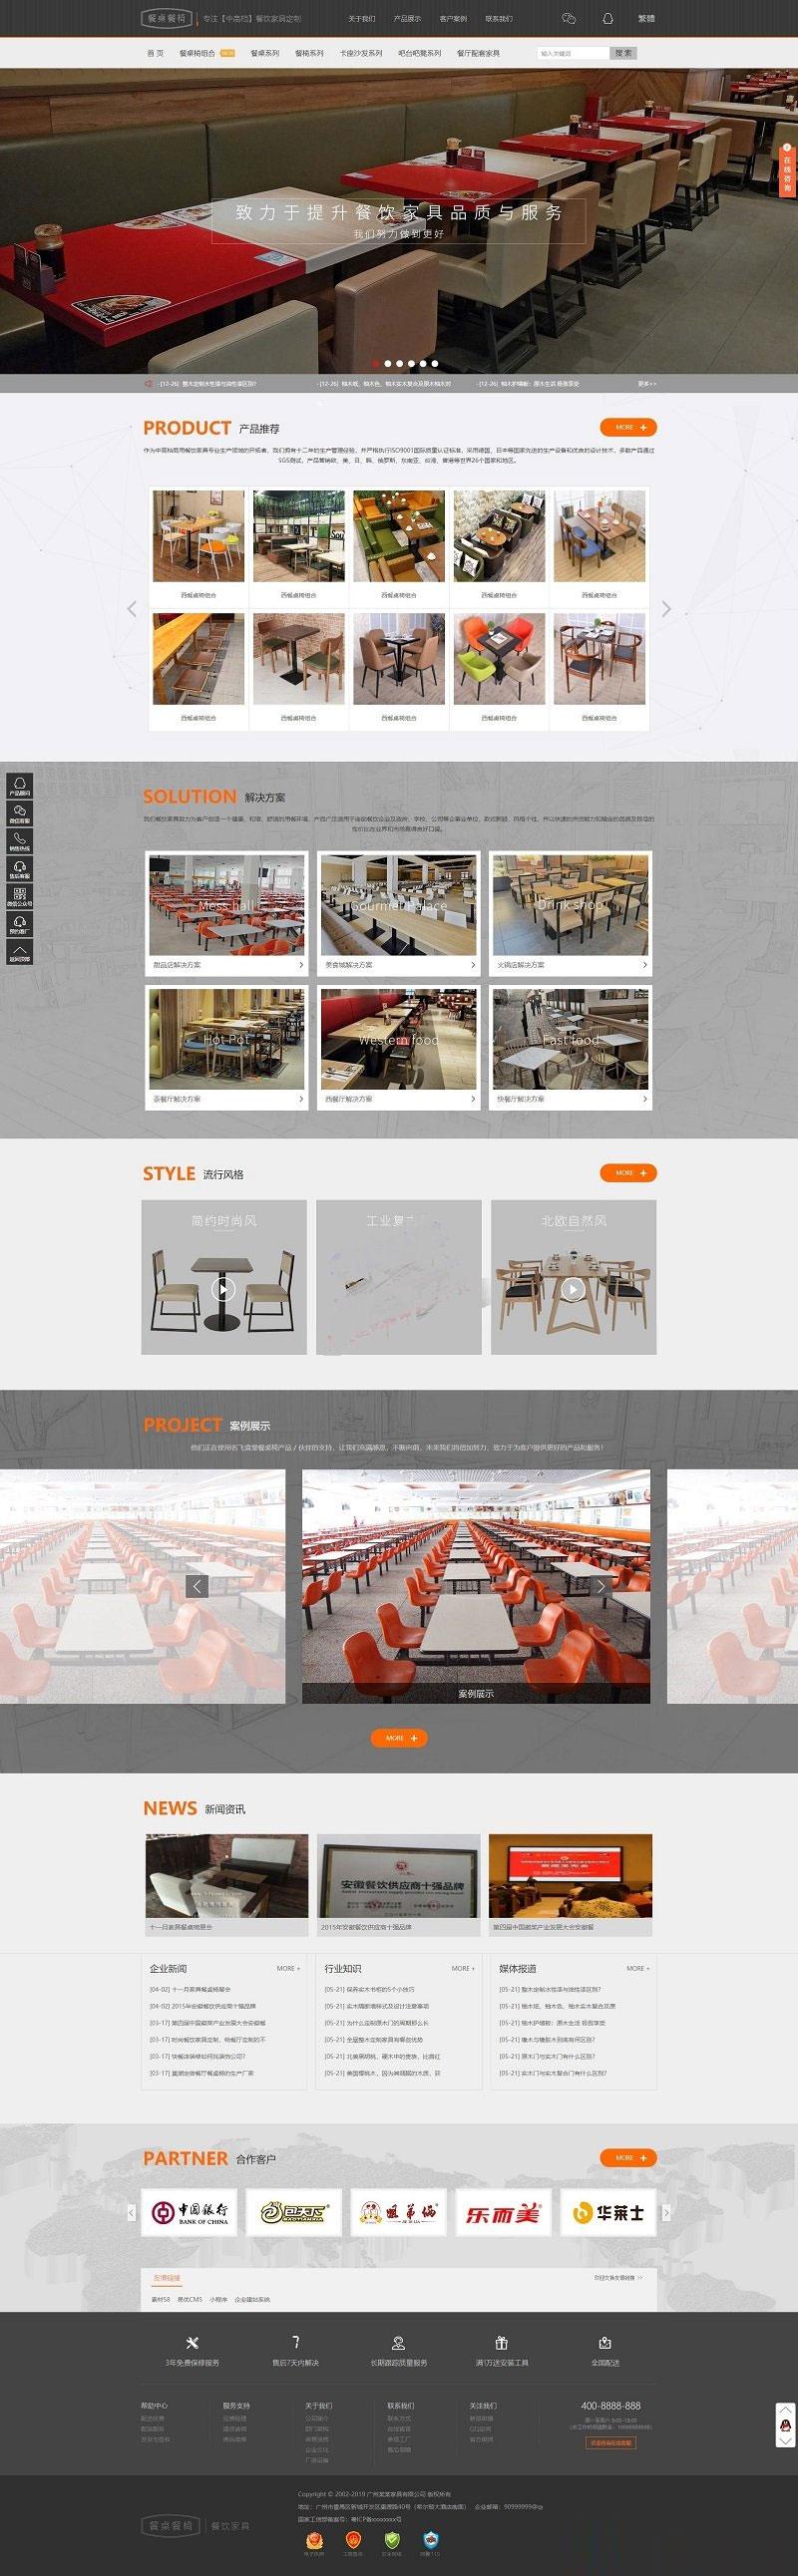 爱上源码网文章营销型企业官网餐桌餐椅书桌家具橱柜产品展示定制公司织梦网站模板(带手机移动端)的内容插图